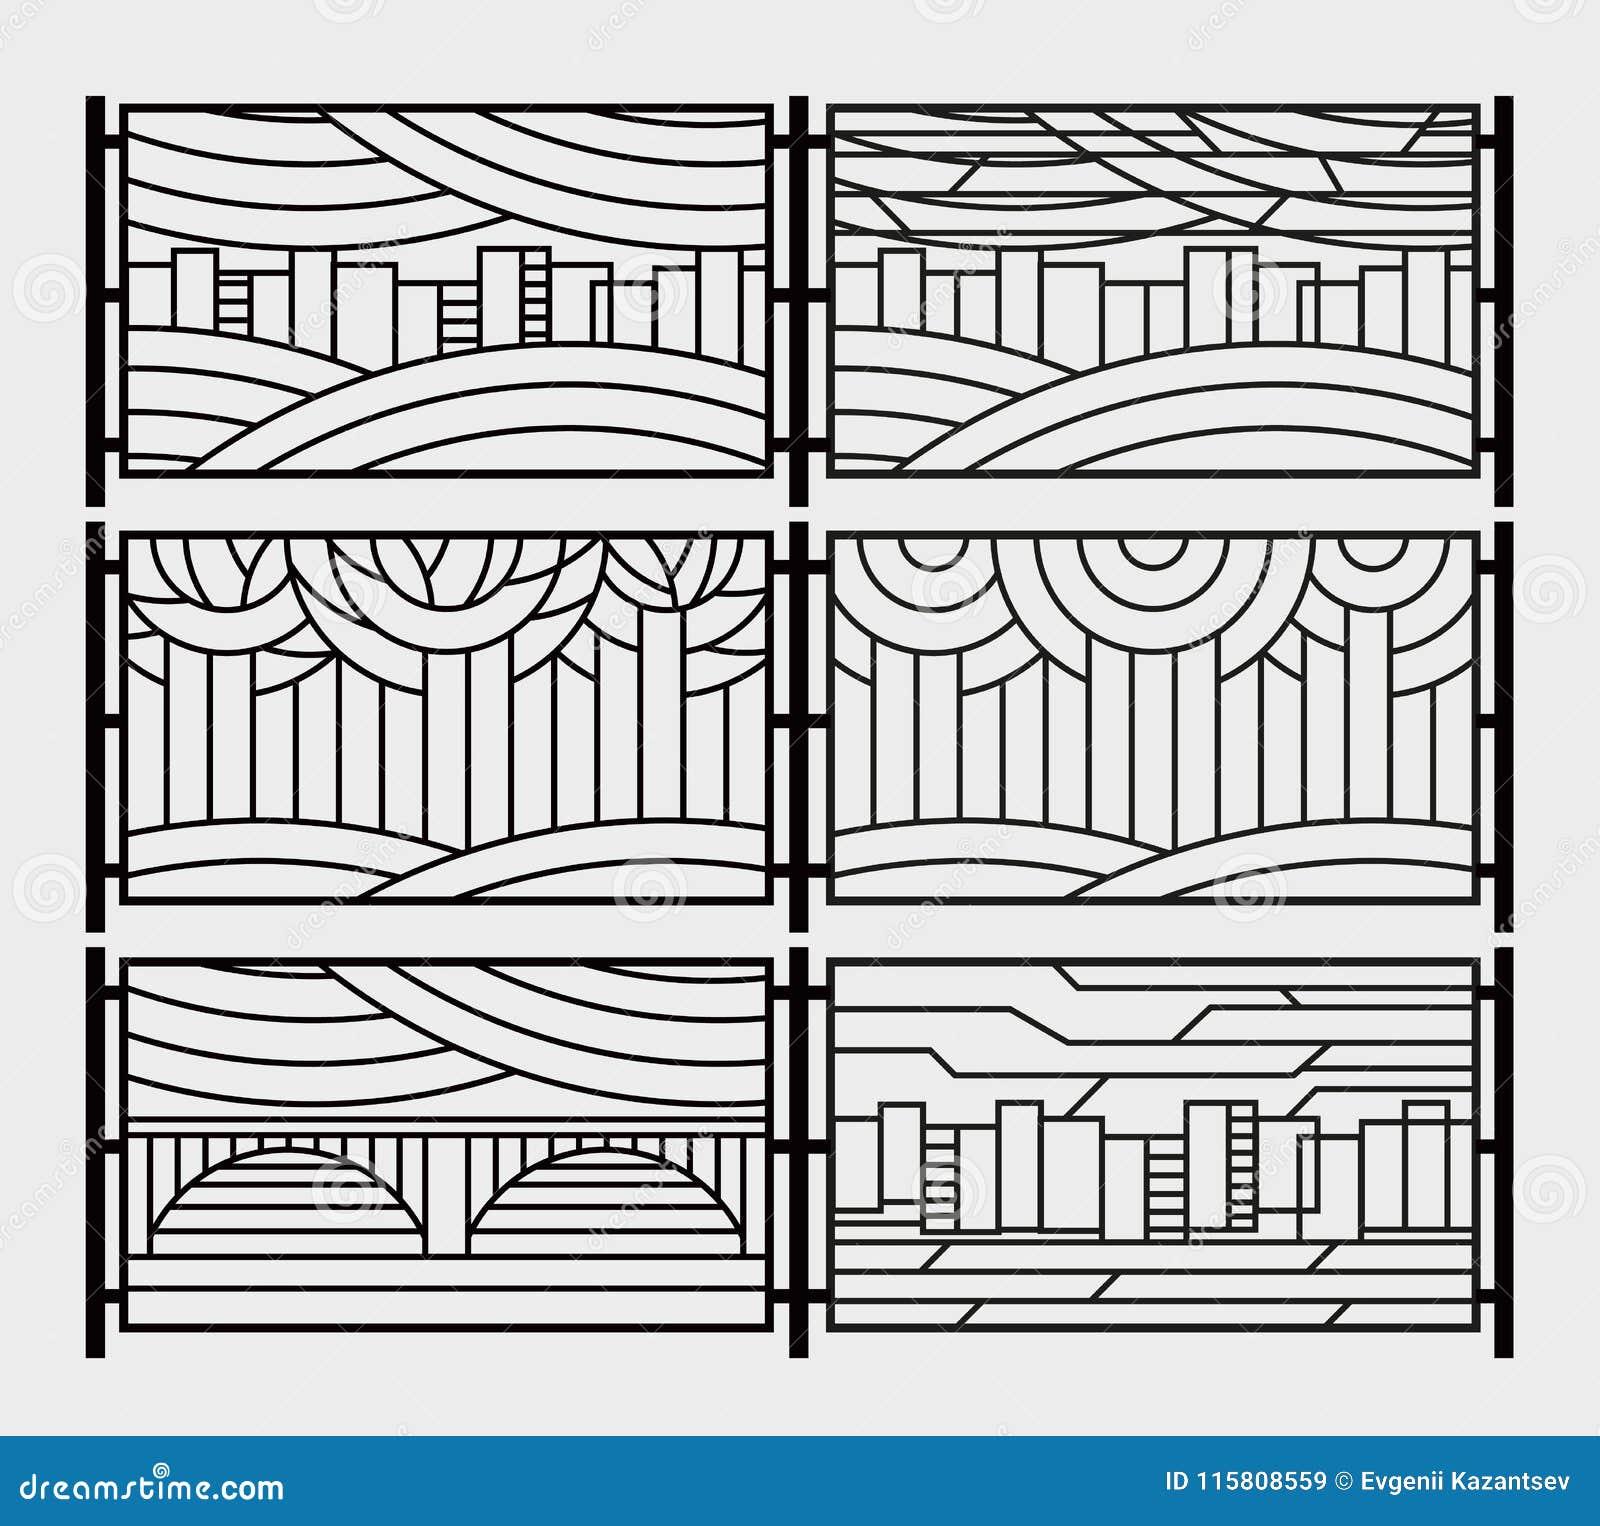 Decoratieve grill voor een omheining of een open haardrooster Gestileerde stad, rivier, brug, hemel, bomen in het park